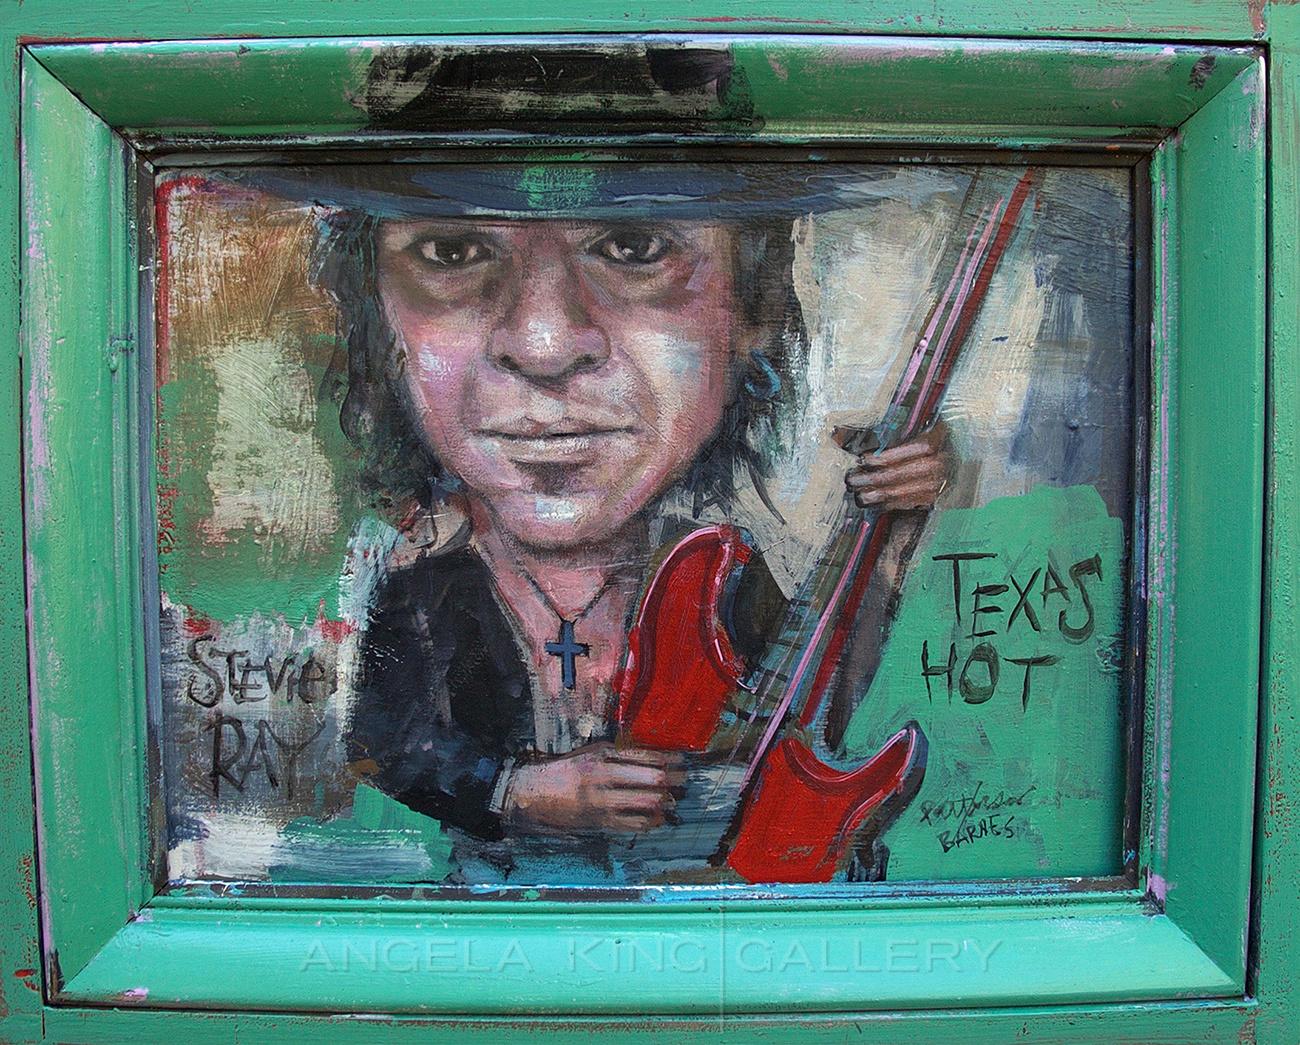 """Steve Ray Vaughn """"Texas Hot"""""""